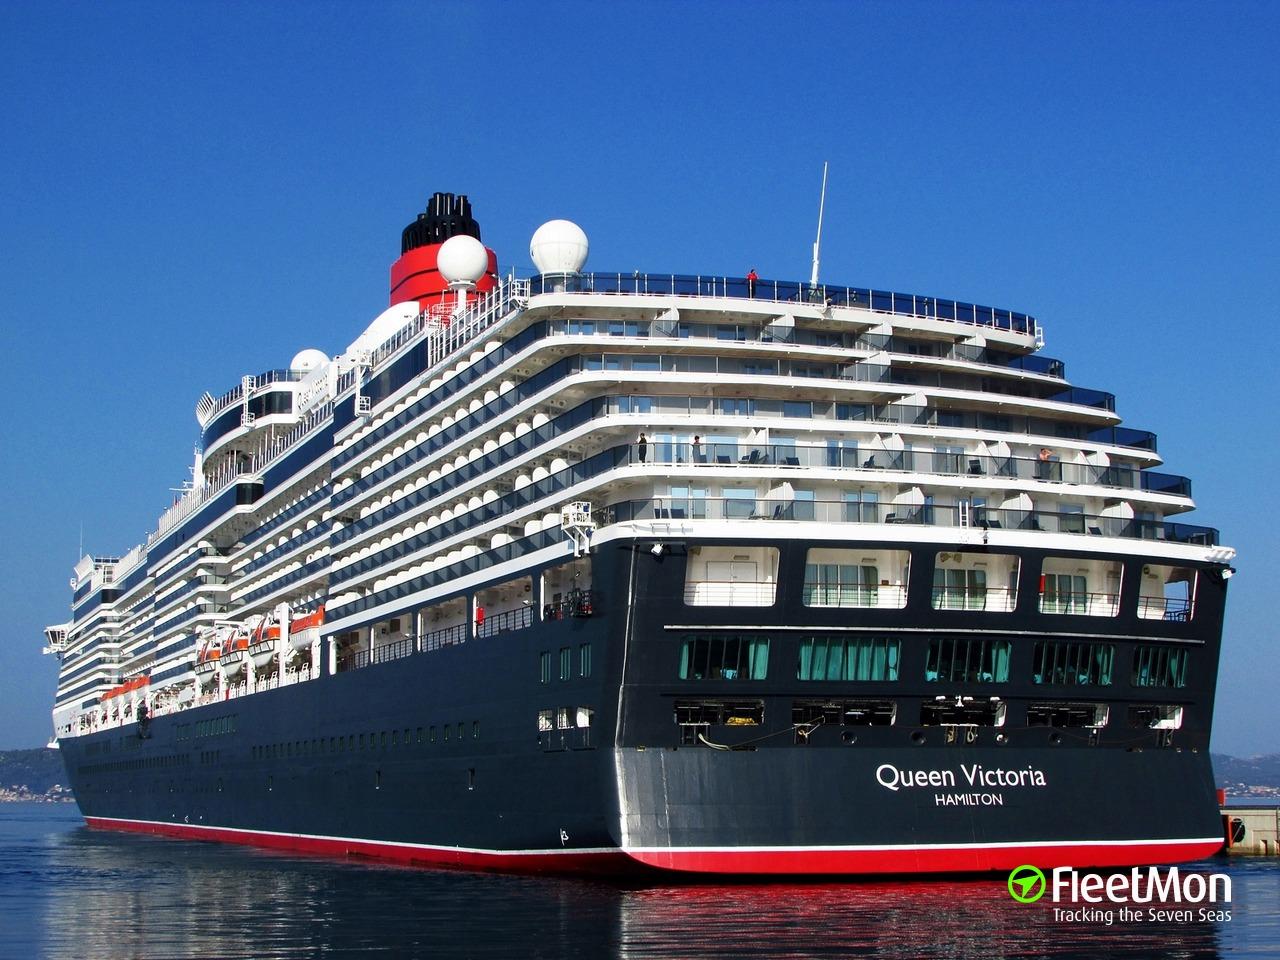 QUEEN VICTORIA Passenger Ship IMO - Tracking queen victoria cruise ship